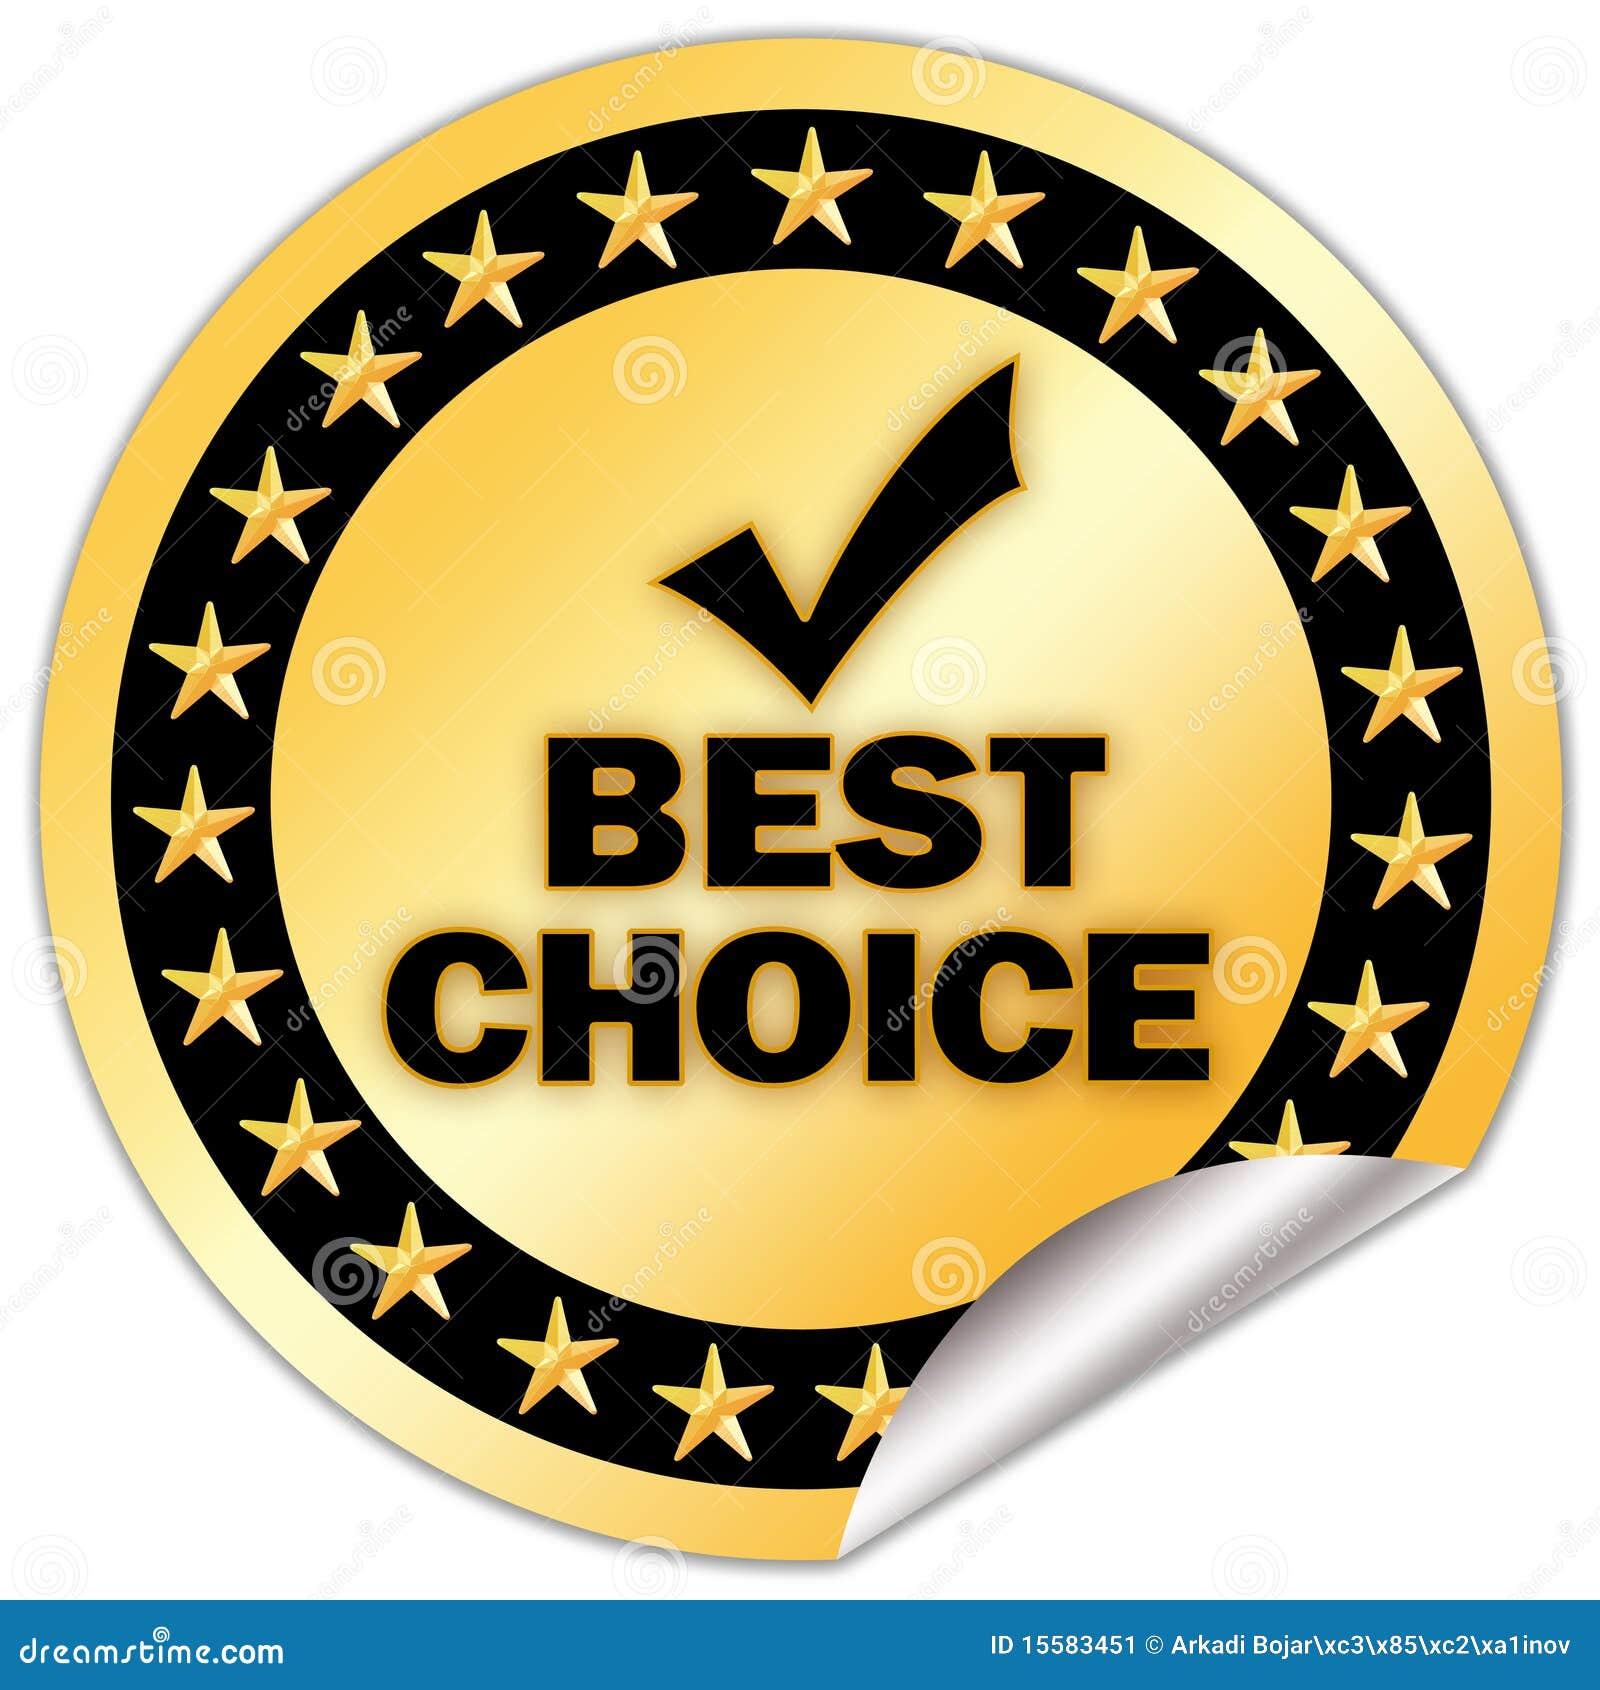 best choice choice einebinsenweisheit. Black Bedroom Furniture Sets. Home Design Ideas